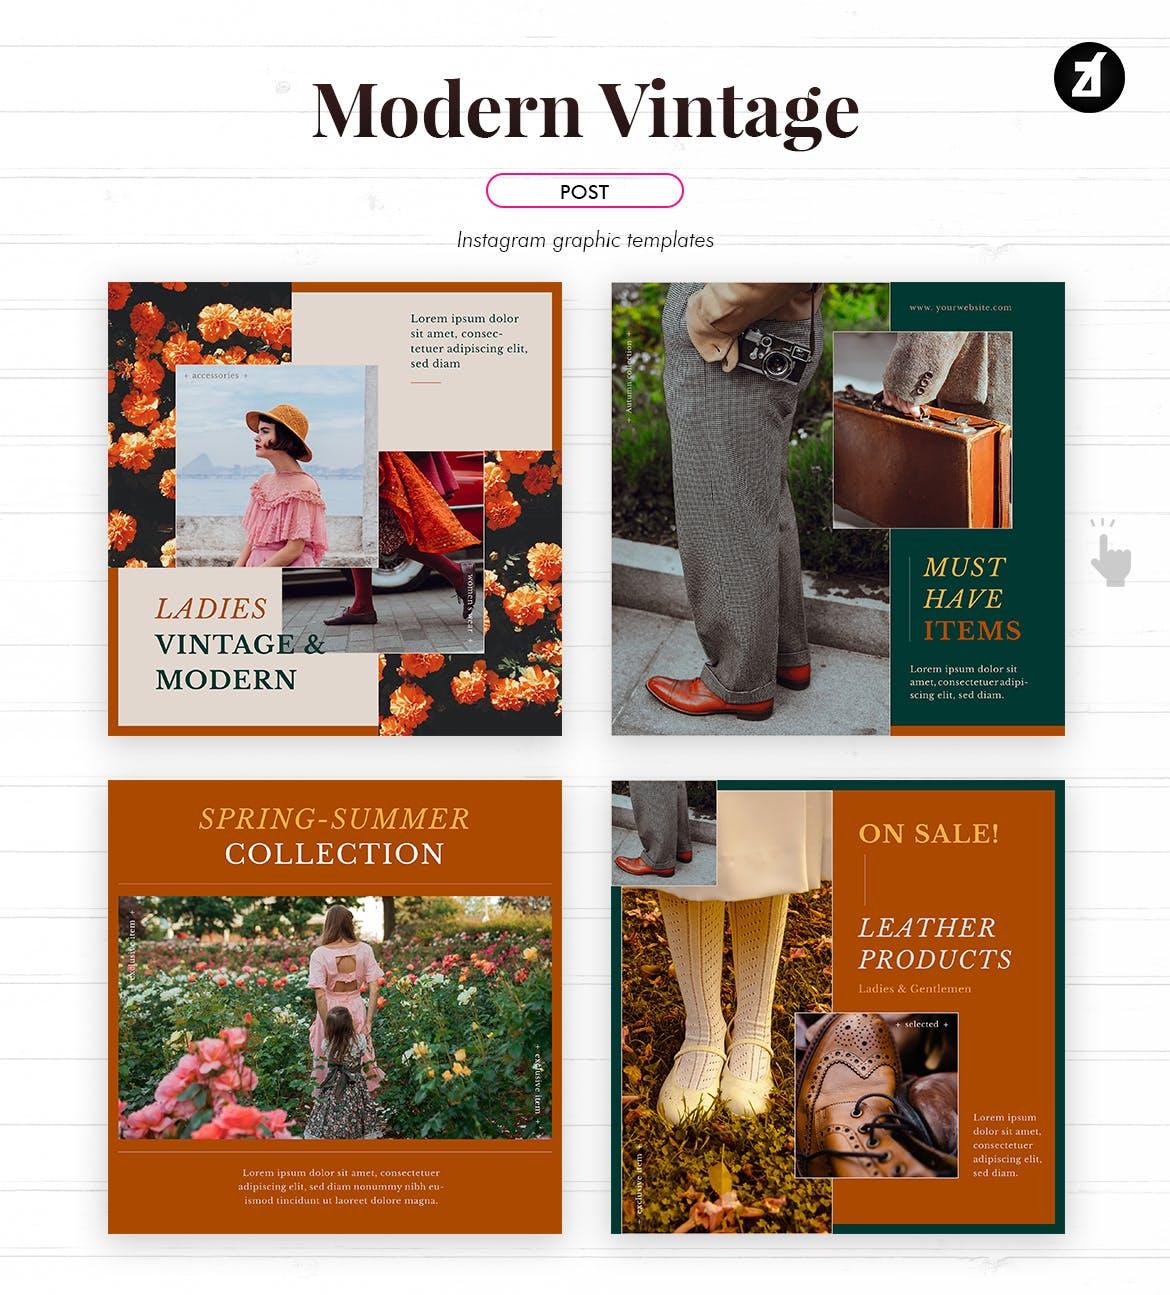 现代复古服装品牌推广新媒体电商海报PSD模板 Modern Vintage Social Media Graphic Templates插图2